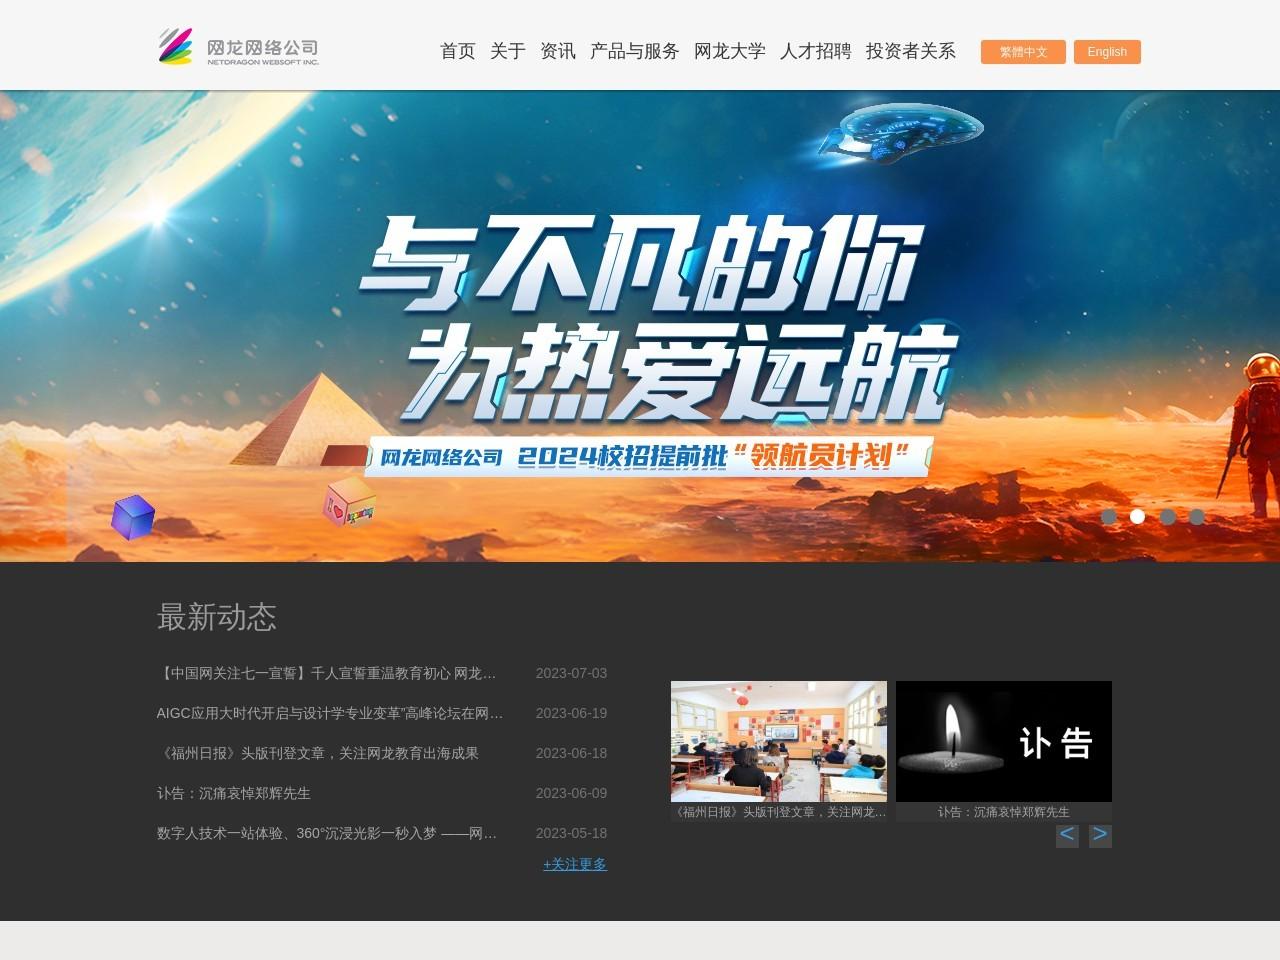 网龙网络控股有限公司